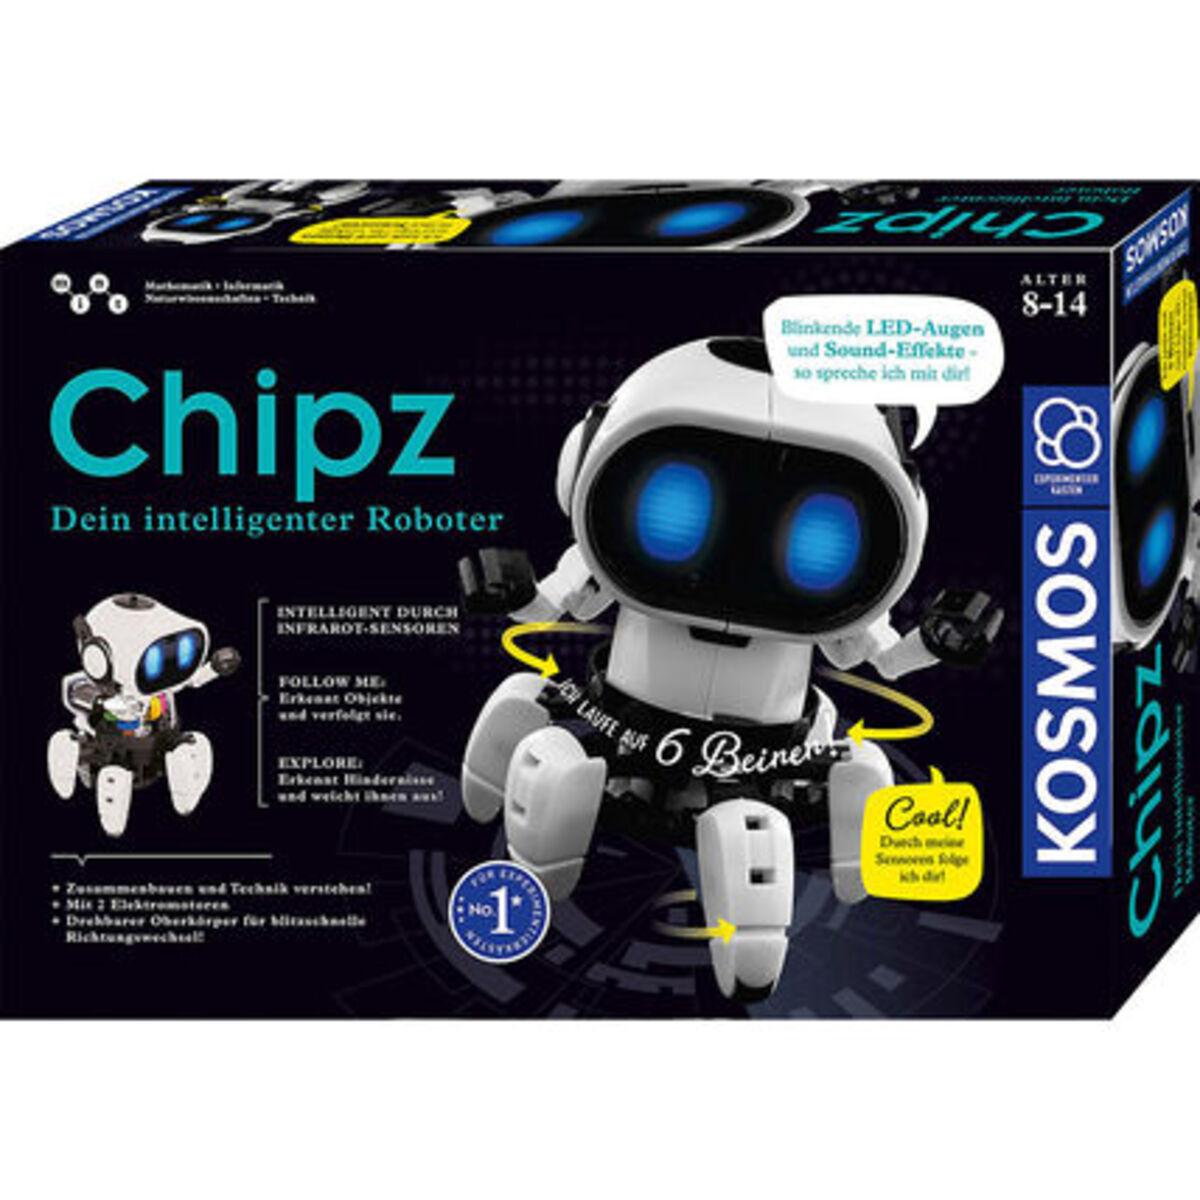 Bild 1 von Kosmos Chipz – Dein intelligenter Roboter